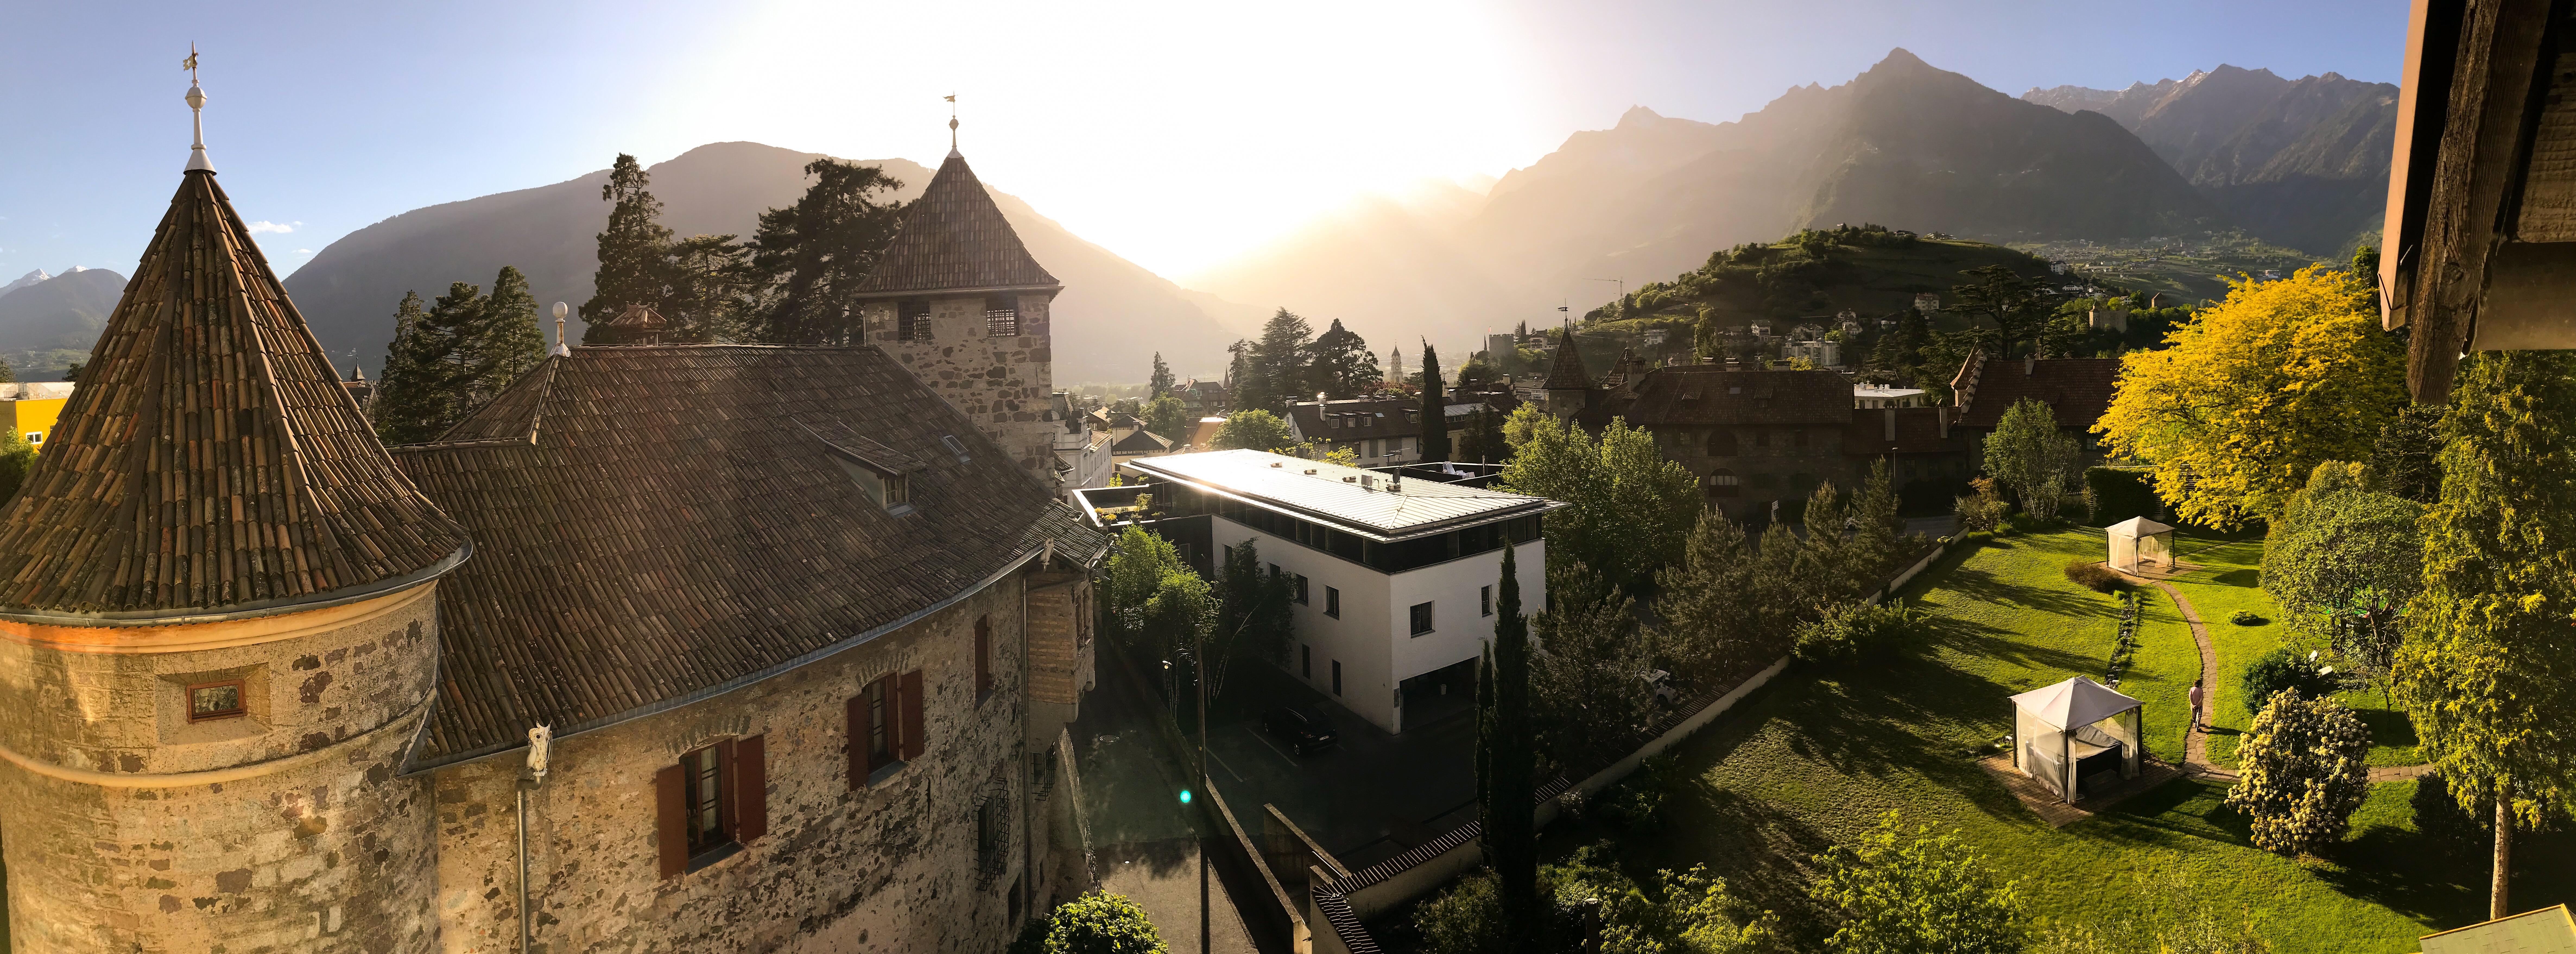 """Die IDM Südtirol hat sich zum Ziel gesetzt, die Coronavirus-Krise mit der Kampagne """"Restart South Tyrol"""" zu überwinden. Ein Erklärungsvideo dazu, sowie eine Prognose für die italienische Hotellerie (und speziell für Südtirol) finden Sie im folgenden IDM-Newsletter, den wir bitten, sorgfältig zu lesen: https://smg.scnem.com/newsletter_campaign=IDM_Suedtirol_Restart. Im Newsletter finden Sie auch die Toolbox, die alle grundlegenden Elemente und Vorlagen enthält, die für eine professionelle und erfolgreiche Kommunikation notwendig sind. Für Informationen über die Richtlinien für die Erstellung von Inhalten und die Kommunikation mit Ihren Gästen wenden Sie sich bitte an: marketing@idm-suedtirol.com. by Tiziano Pandolfi"""